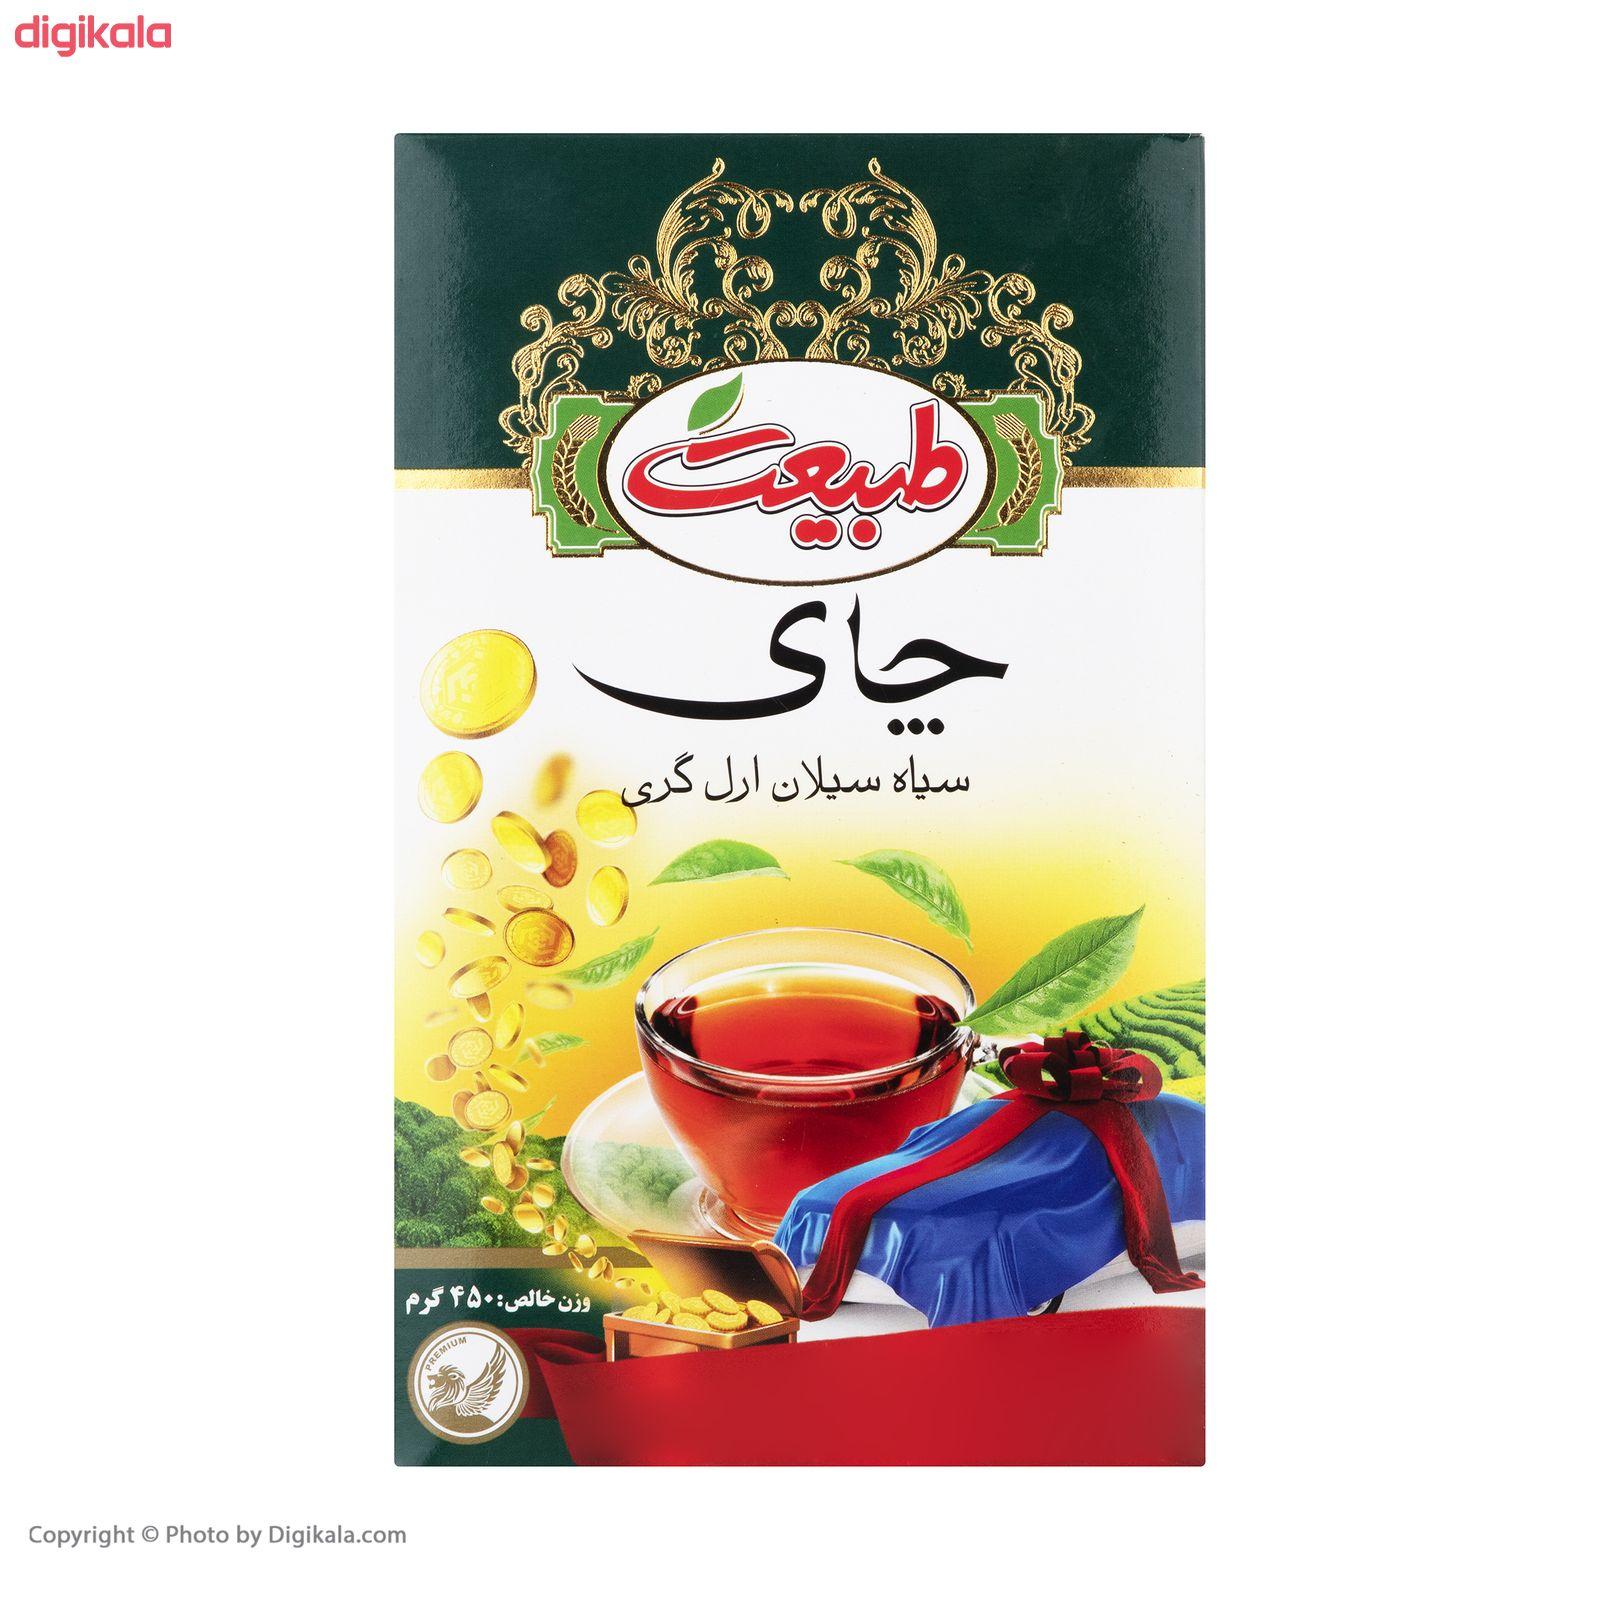 چای سیاه معطر ارل گری طبیعت - 450 گرم main 1 2